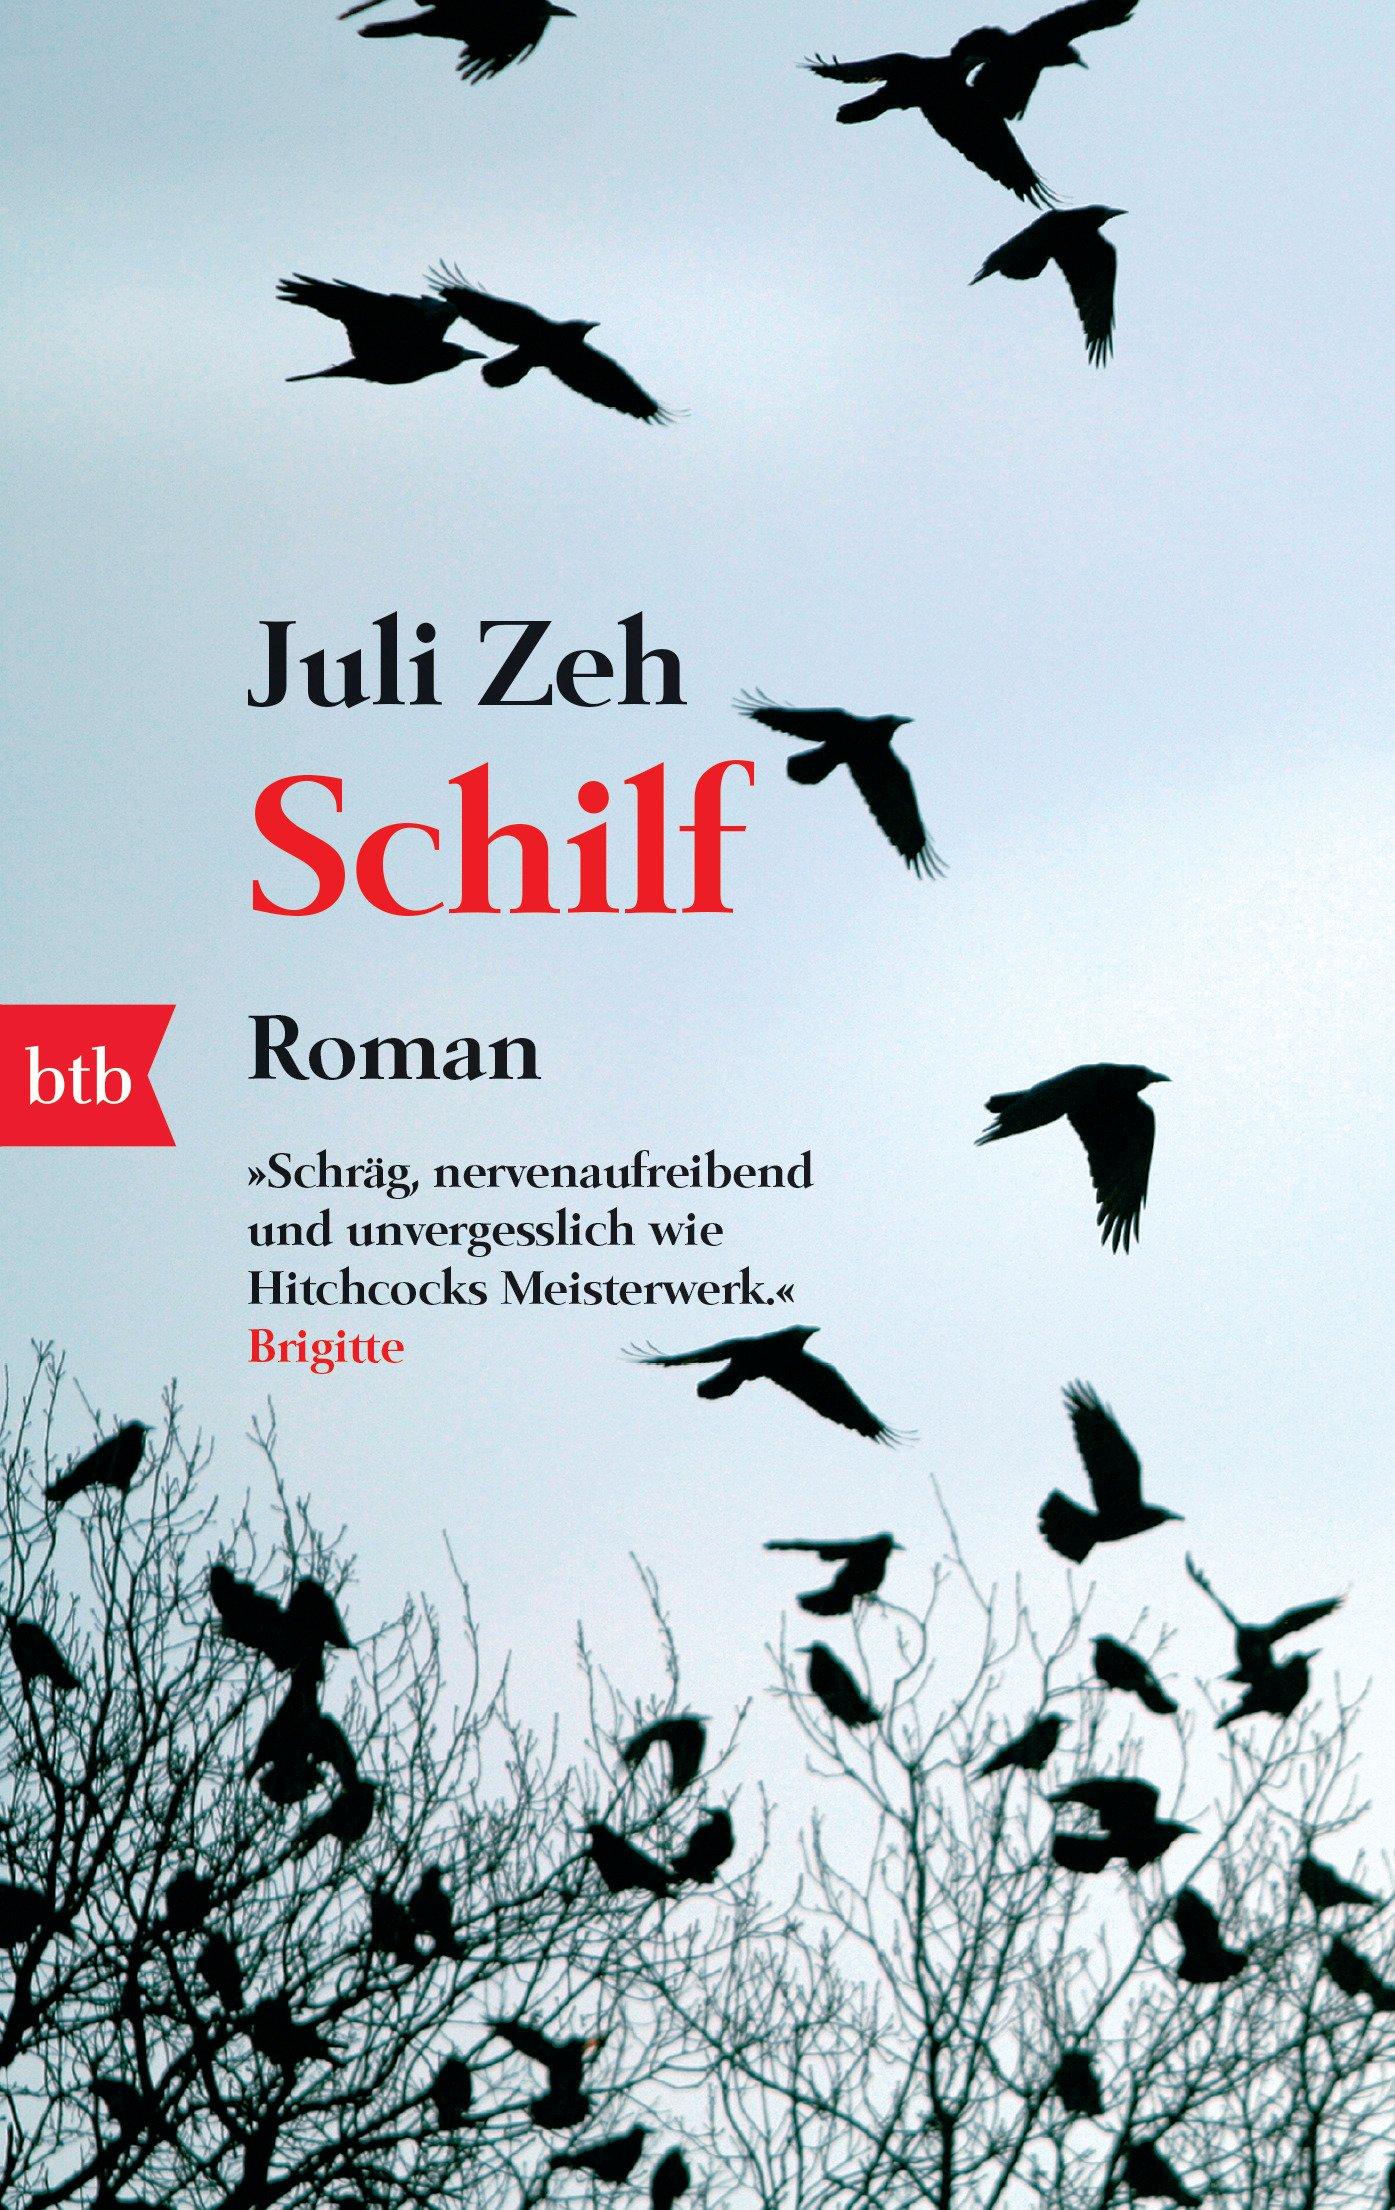 Download Schilf By Juli Zeh